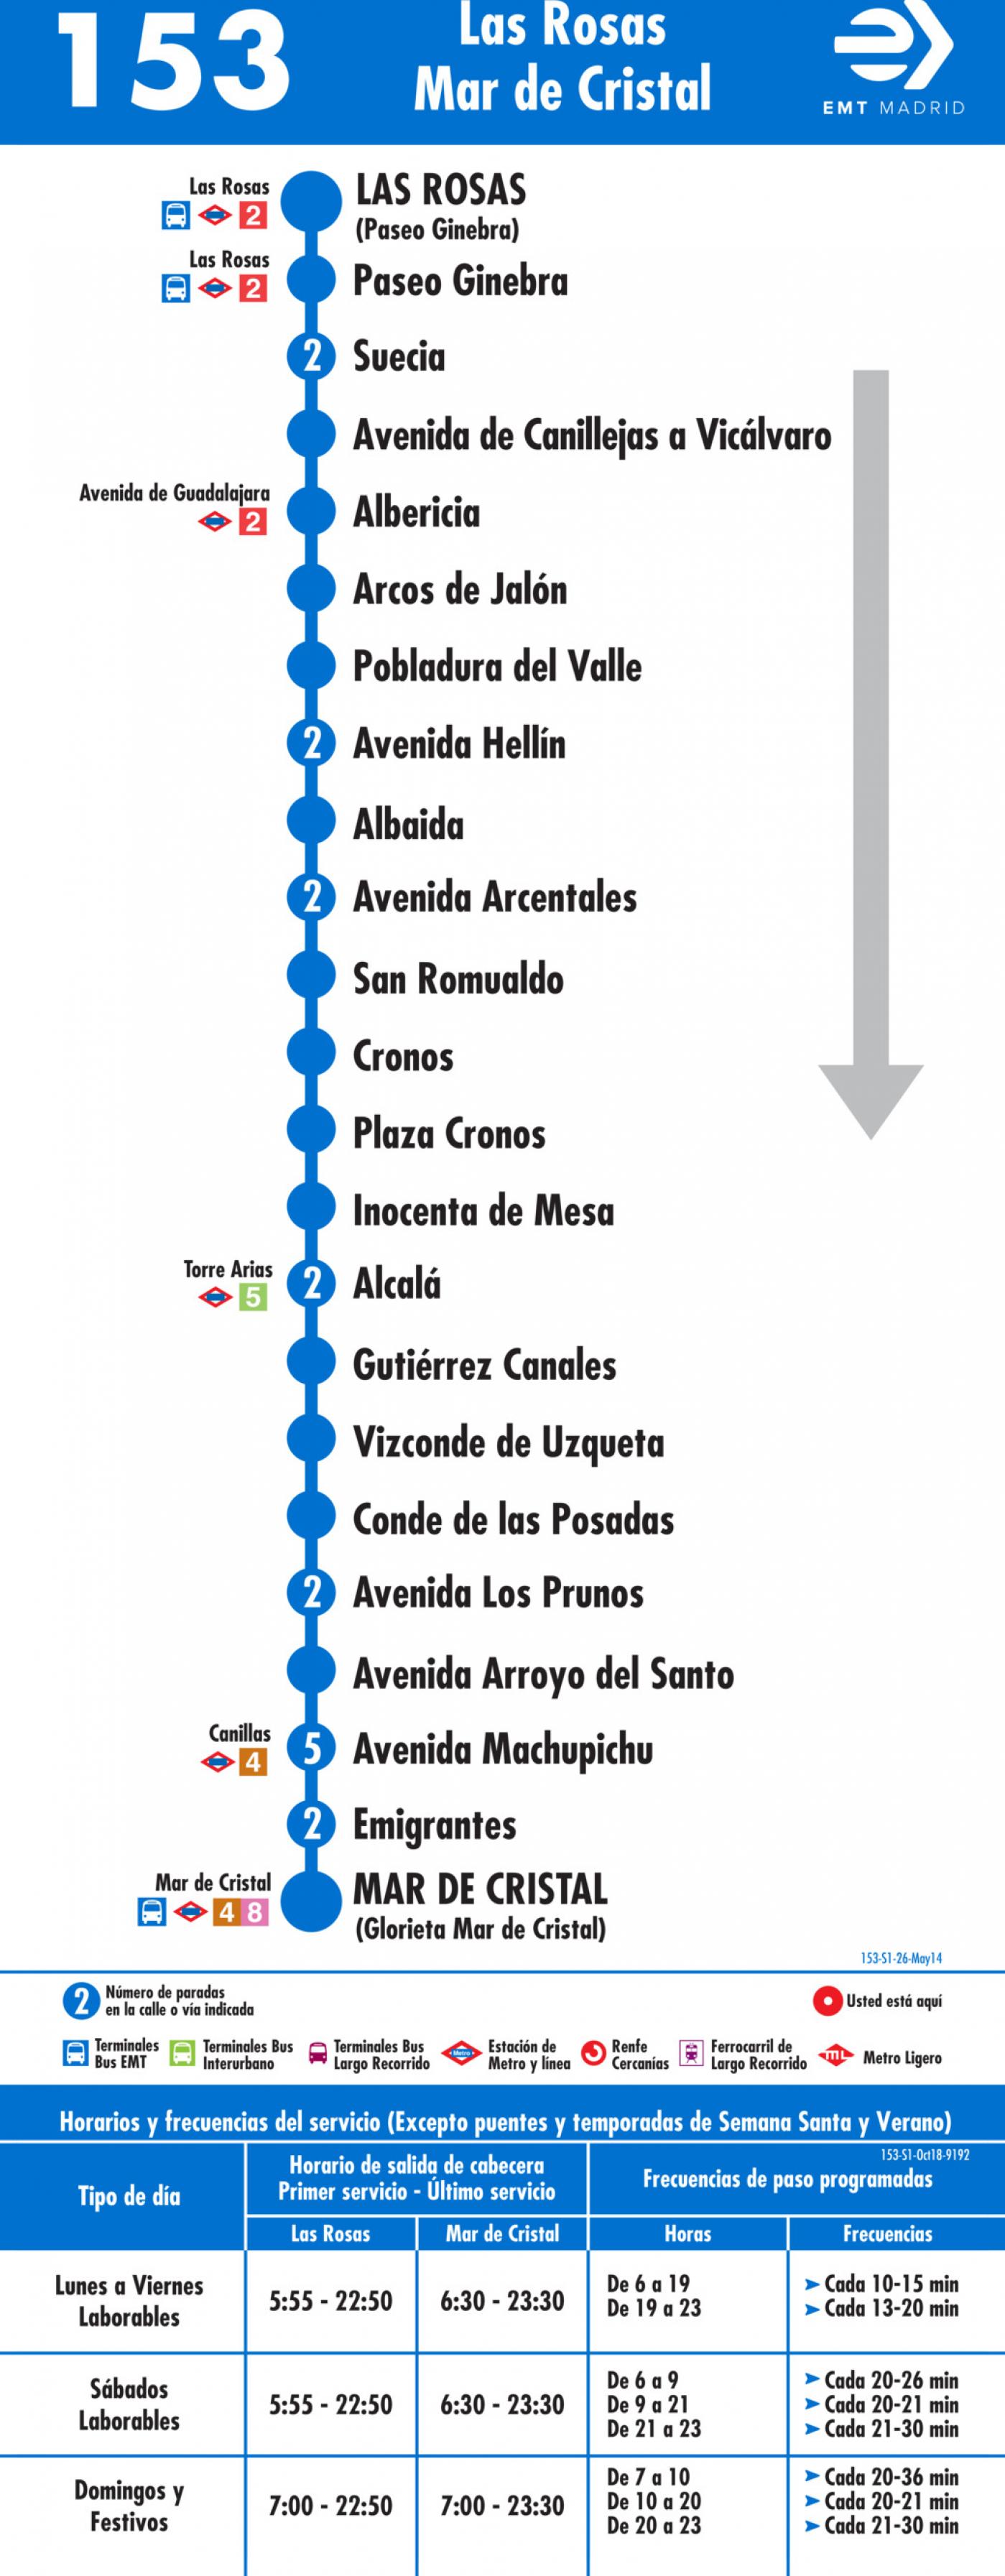 Tabla de horarios y frecuencias de paso en sentido ida Línea 153: Las Rosas - Mar de Cristal